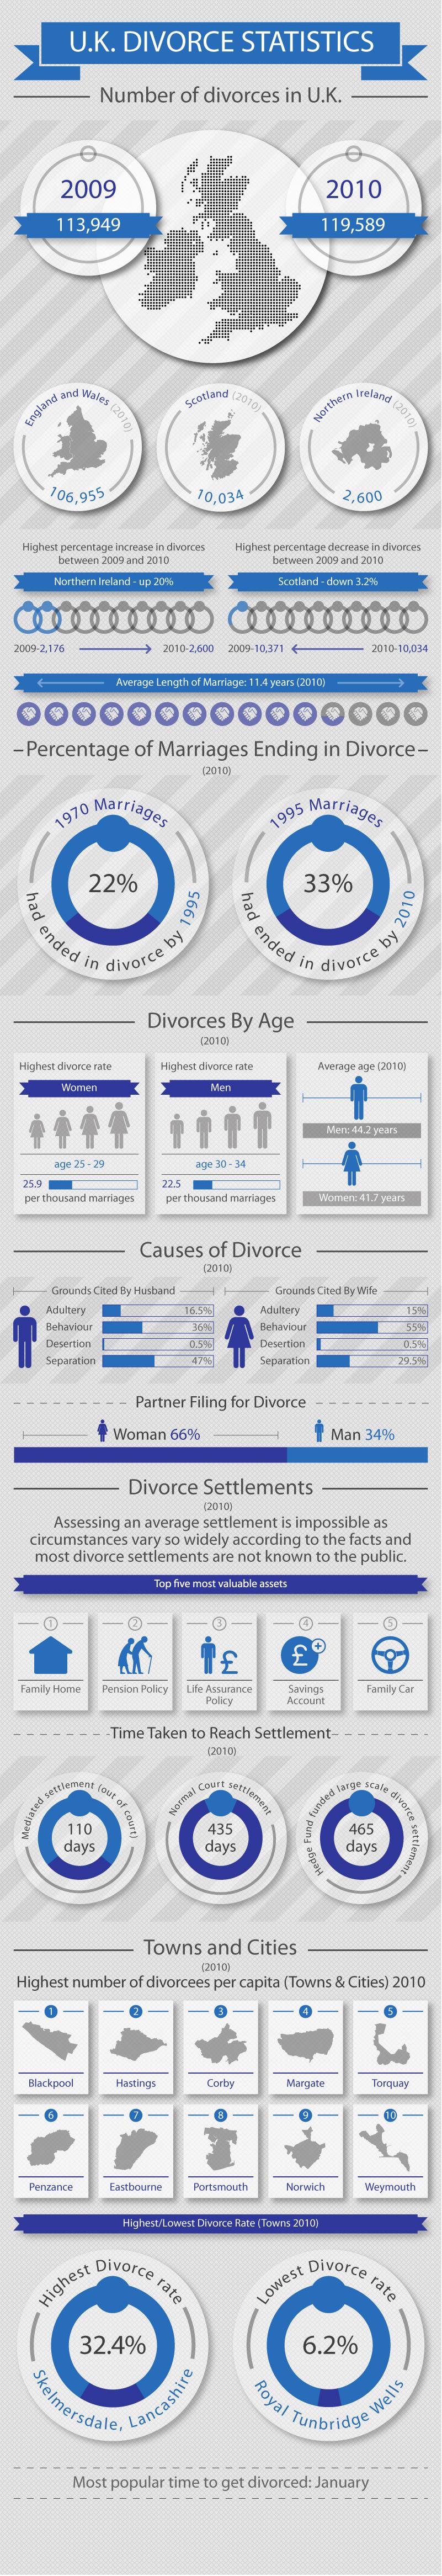 uk-divorce-statistics_5049cbda5661e